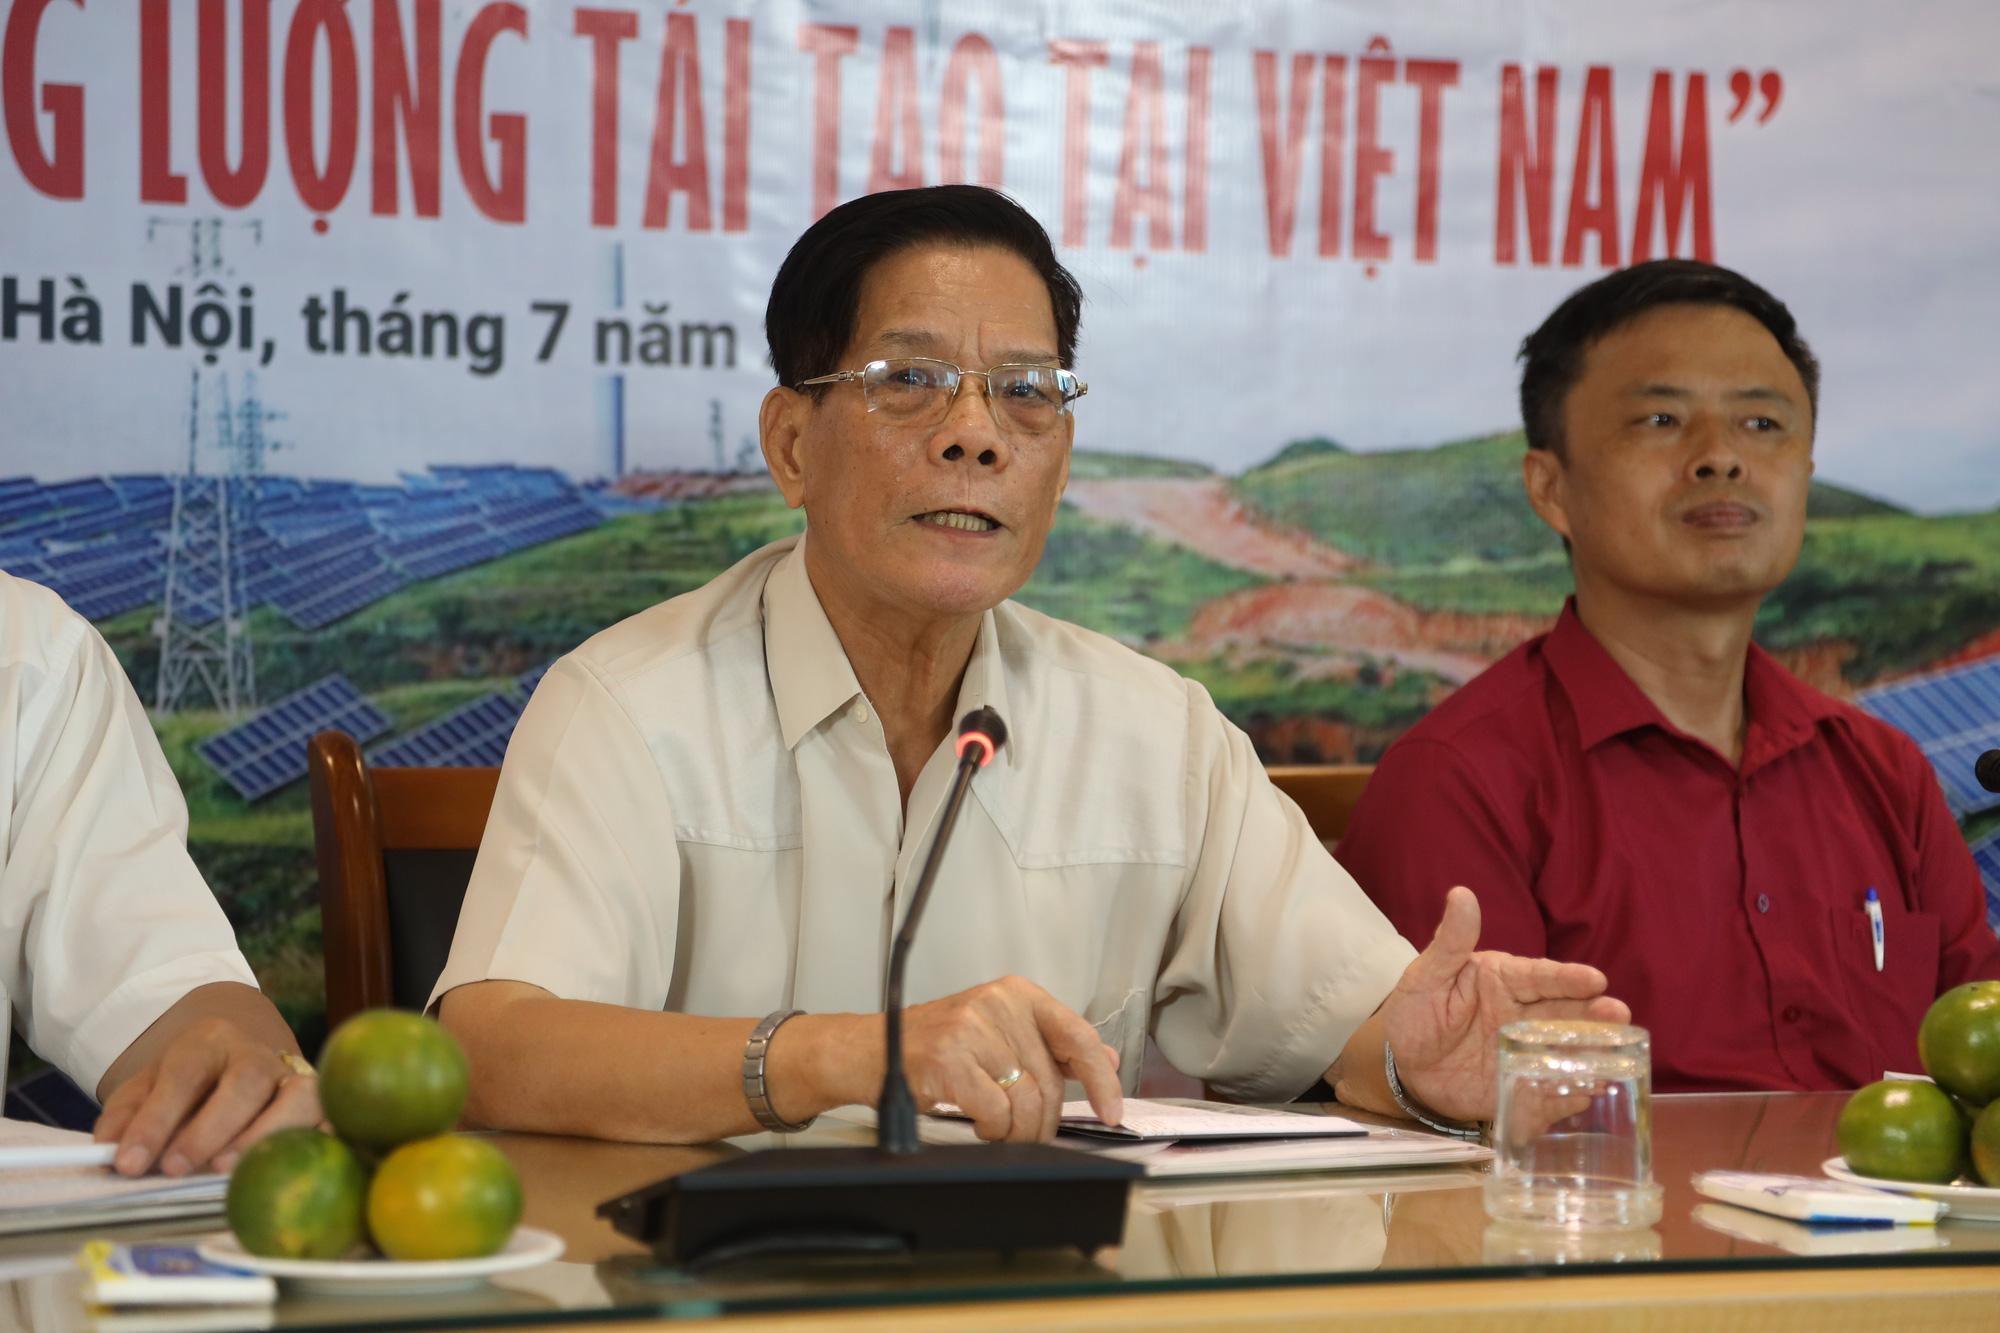 """Tọa đàm trực tuyến """"Phát triển năng lượng tái tạo tại Việt Nam"""": Không thể xem nhẹ vai trò của Nhà nước - Ảnh 4."""